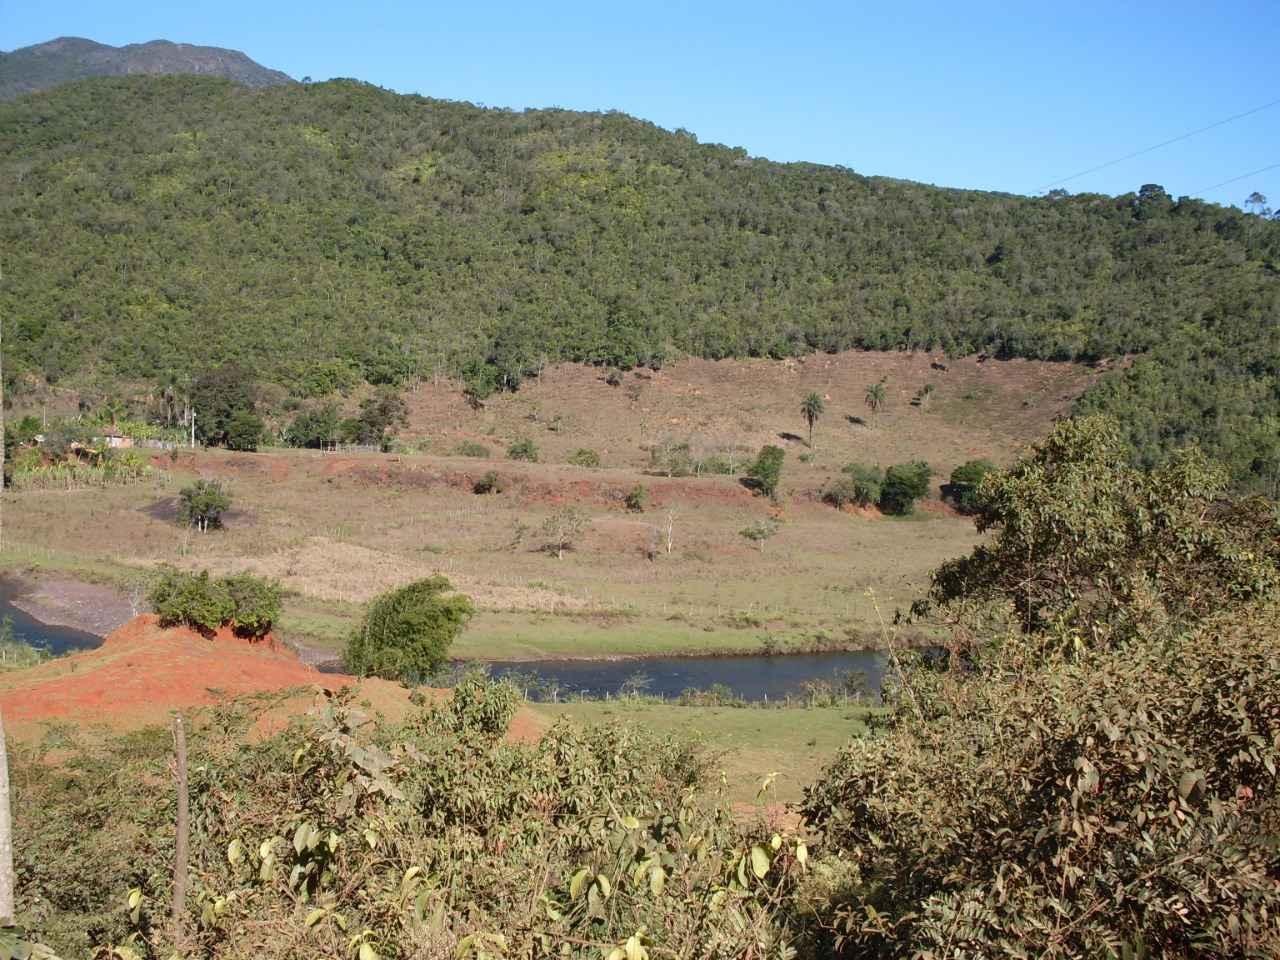 Vale do Rio Conceição, afluente do Rio Doce no Quadrilátero Ferrífero, com sua planície de inundação (junto ao rio) e patamar correspondente a um de seus terraços fluviais (ao fundo)